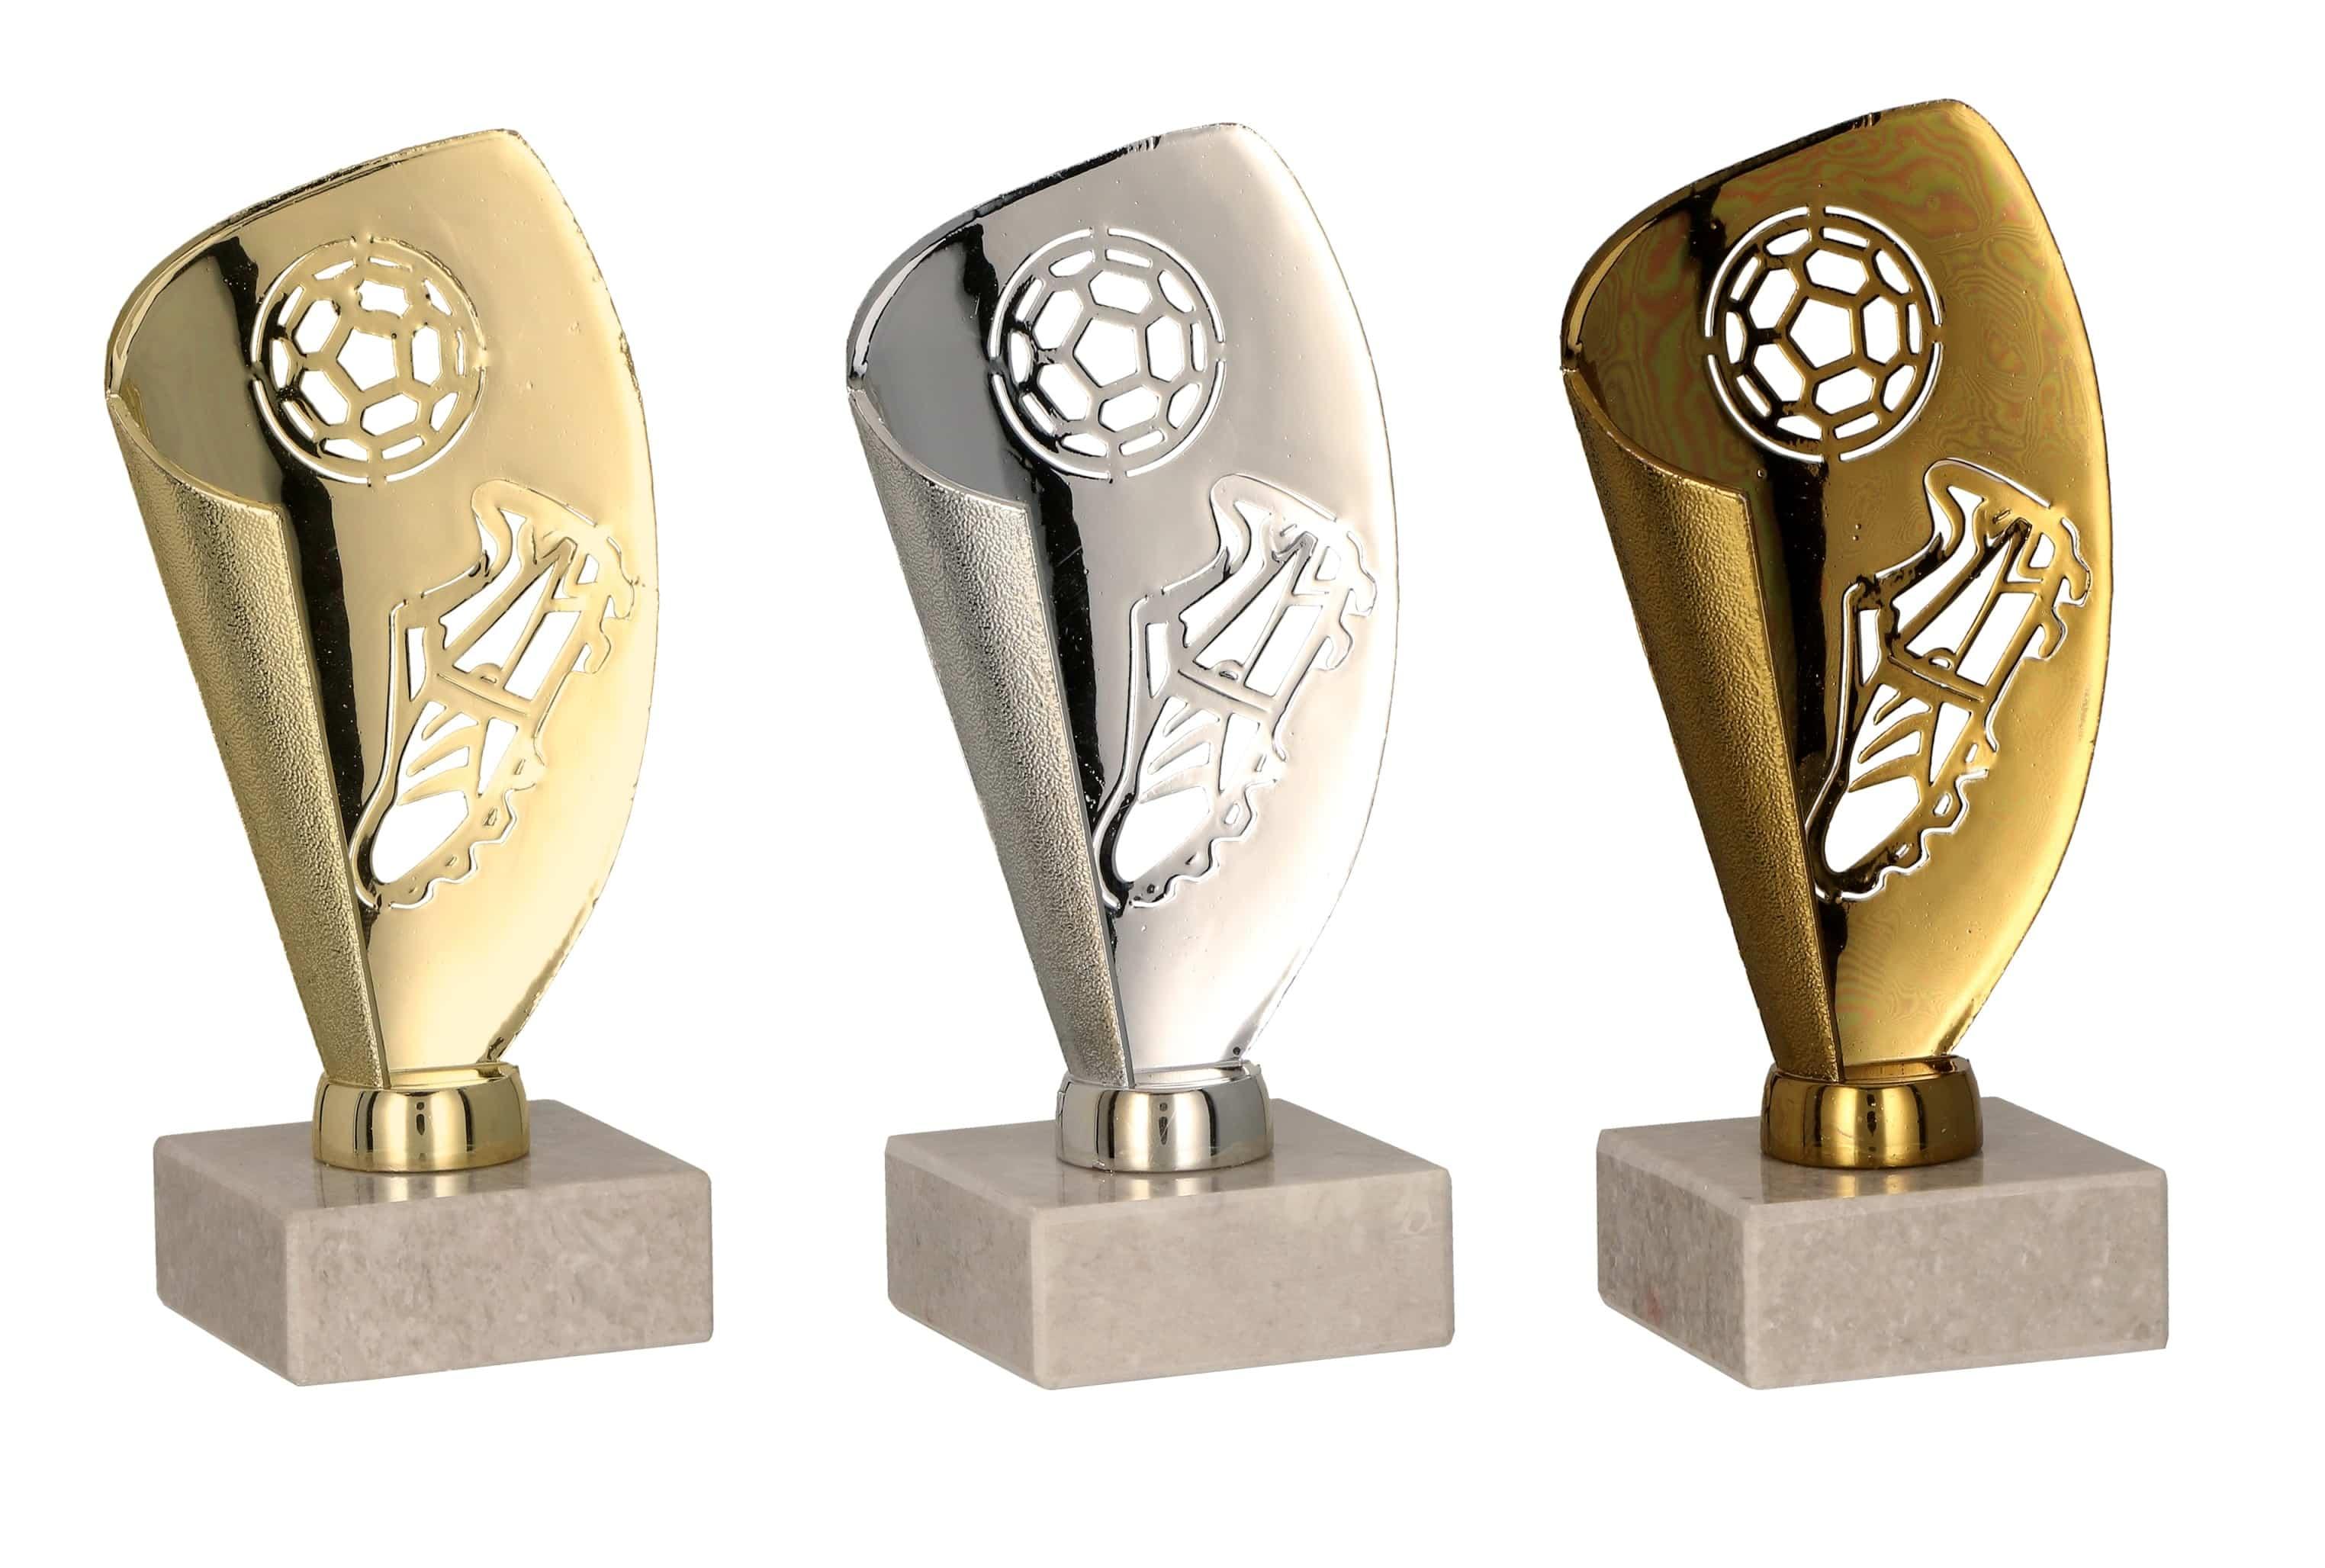 Fußball-Pokale 3er Serie TRY9081 bei Deitert TRY9081